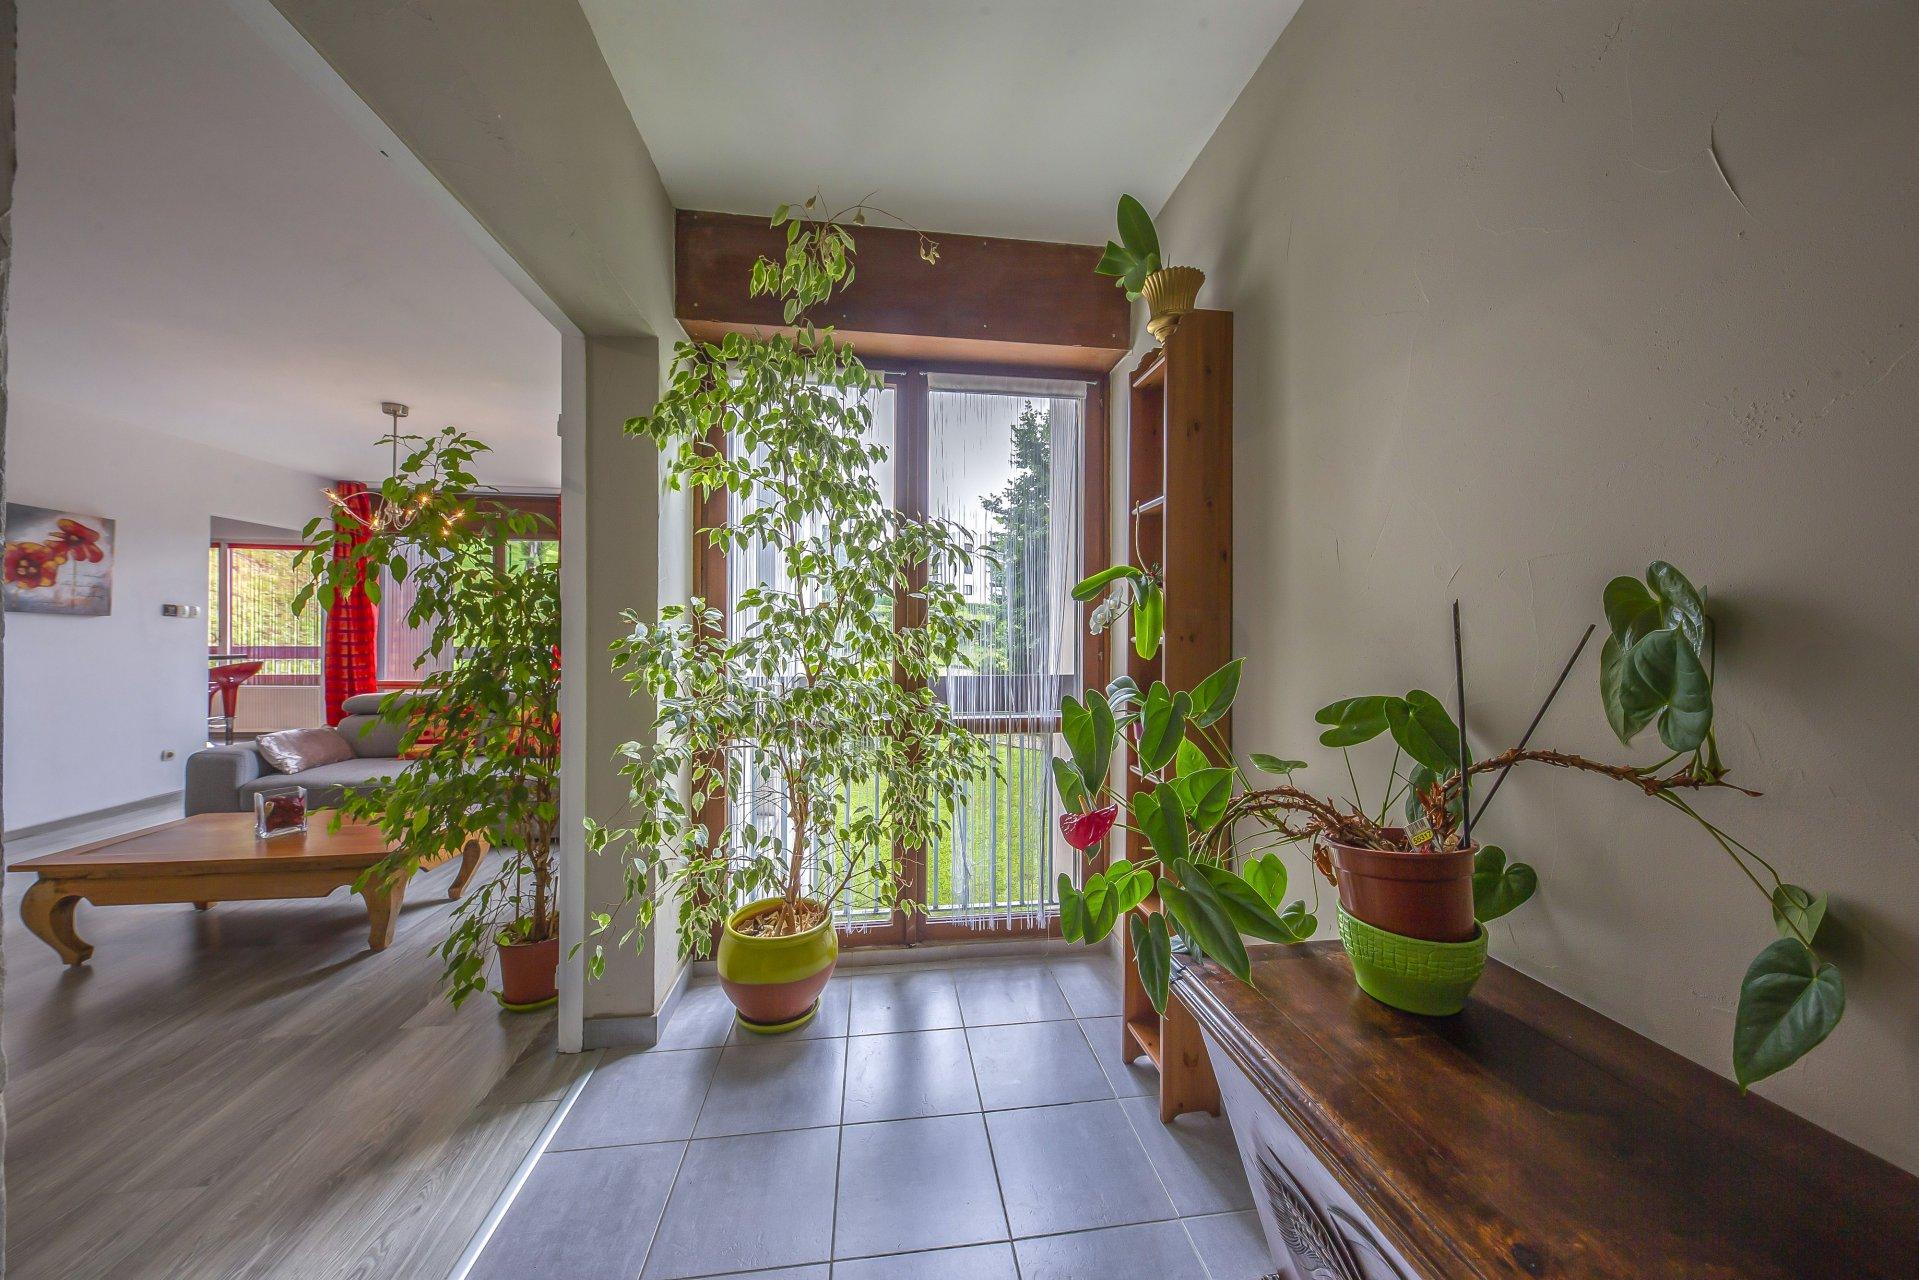 Le hall d'entrée de l'appartement